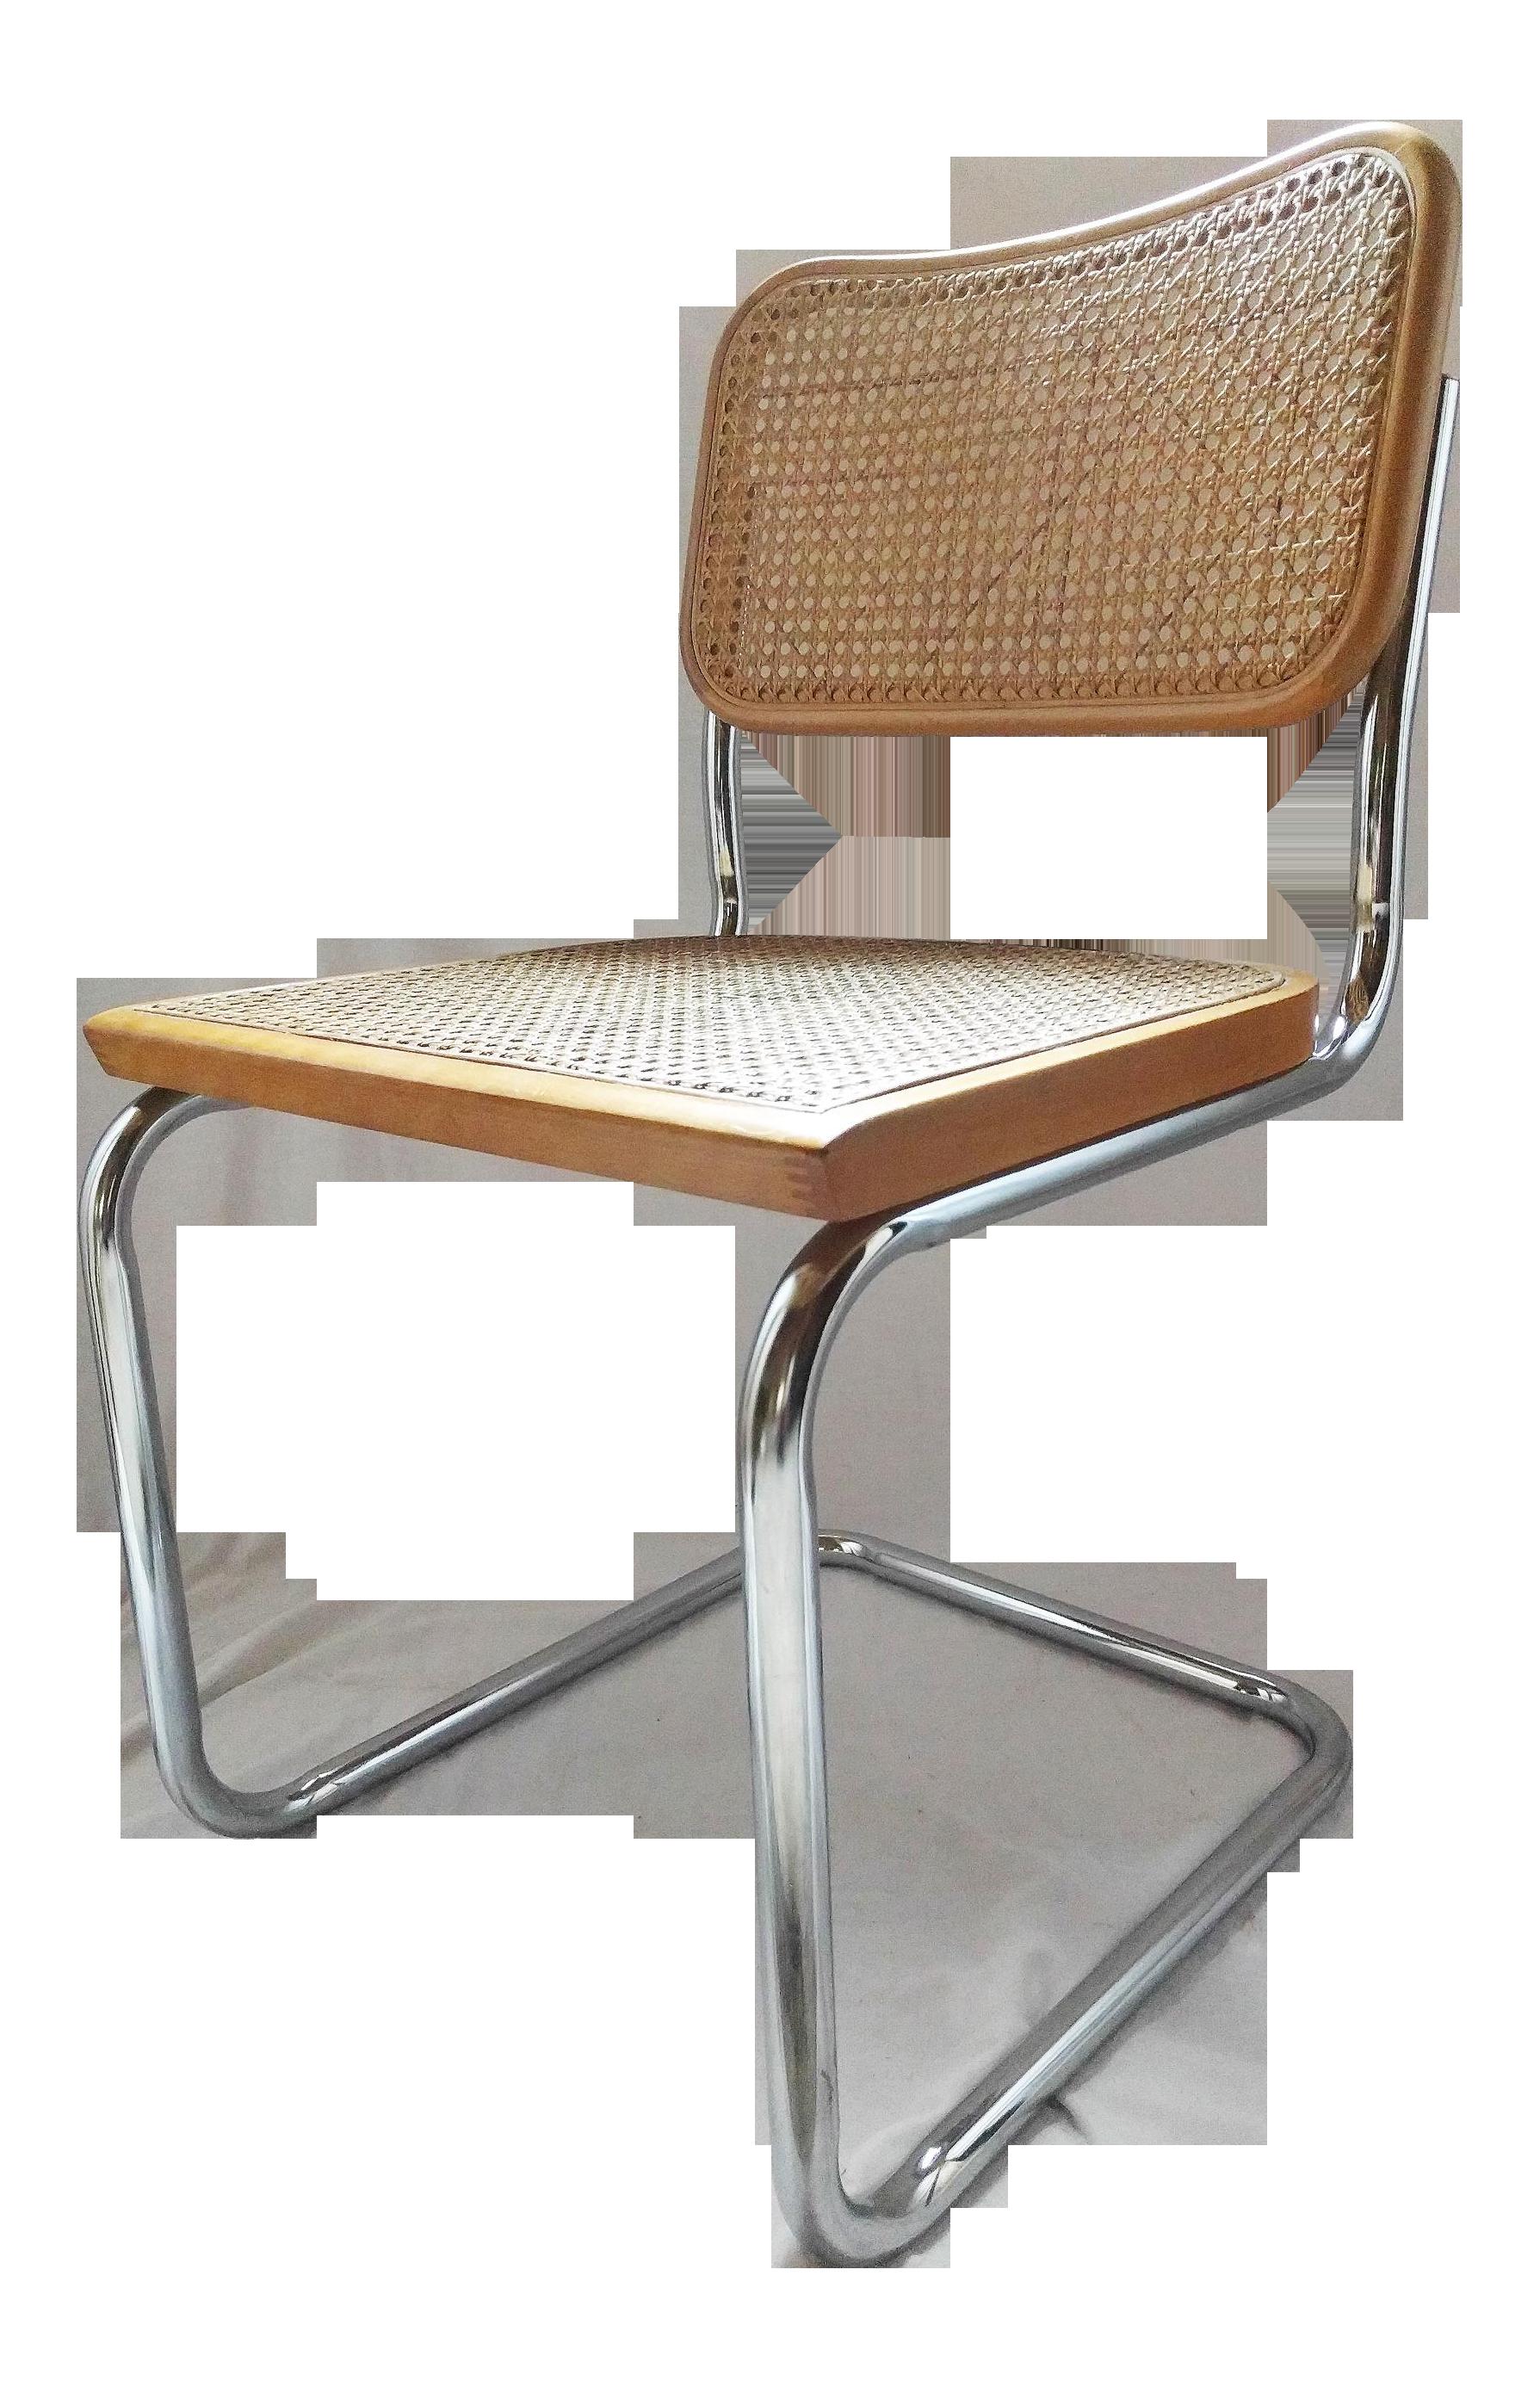 Breuer chair cane - Breuer Chair Cane 26